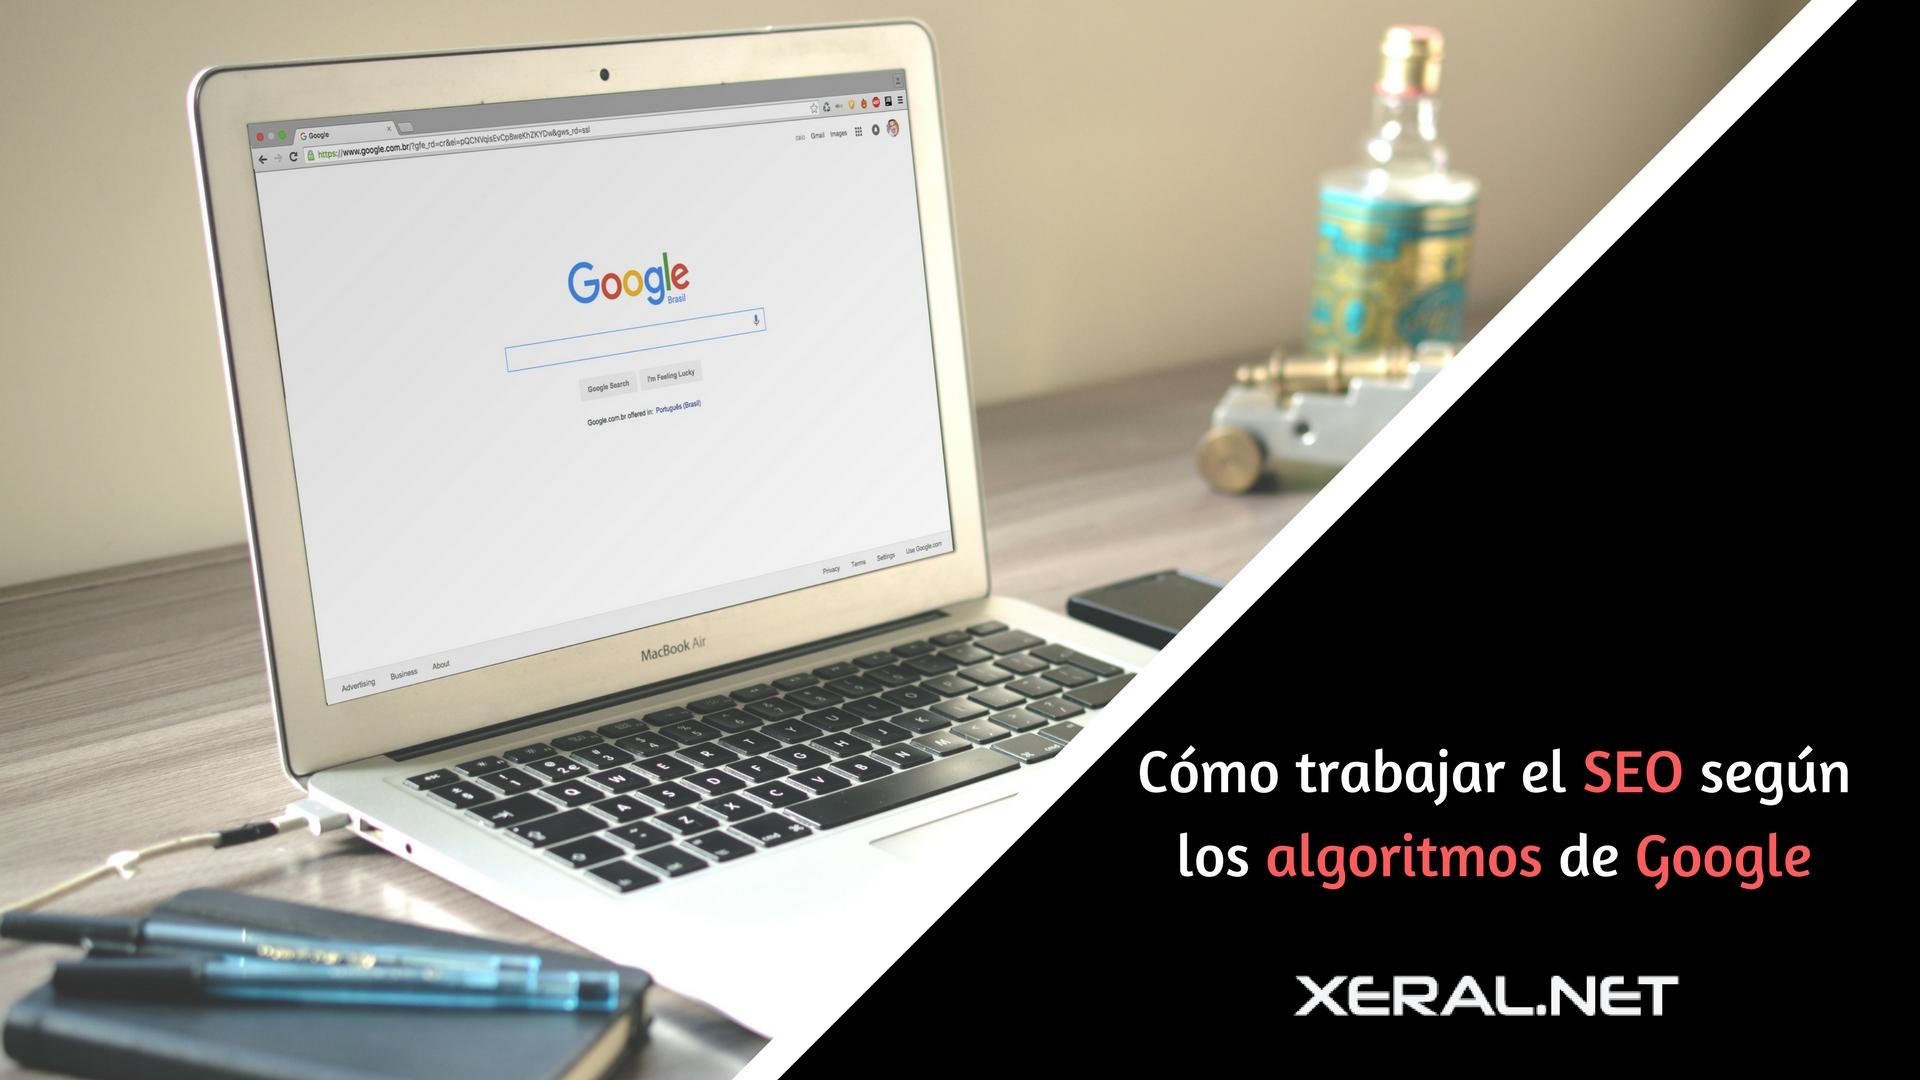 como trabajar el seo segón los algoritmos de google xeral.net